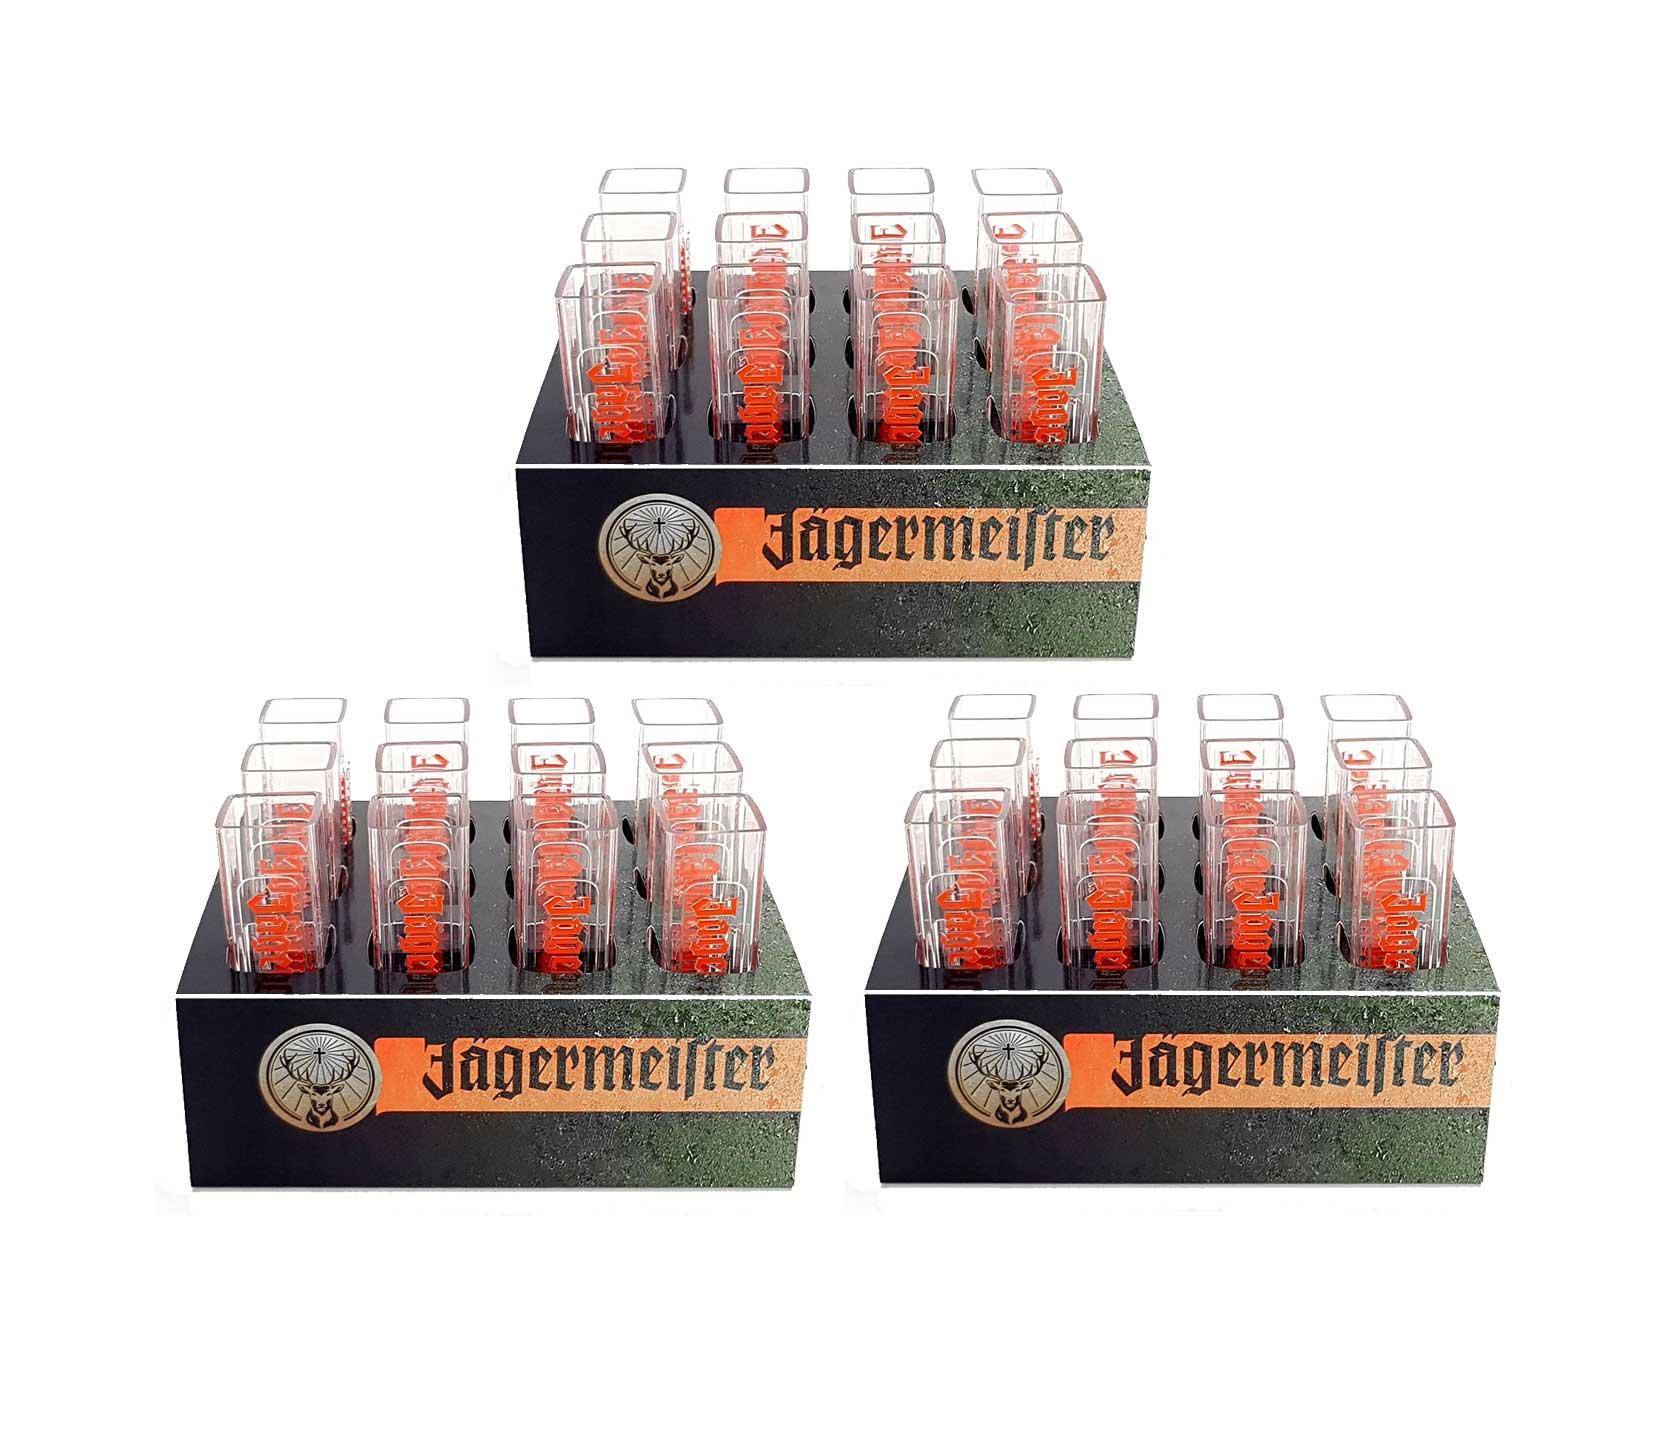 Jägermeister Becher Shotglas Schnapsglas Reagenzgläser aus Kunststoff mit Halter Aktion - 36x Gläser + 3x Papp Halter